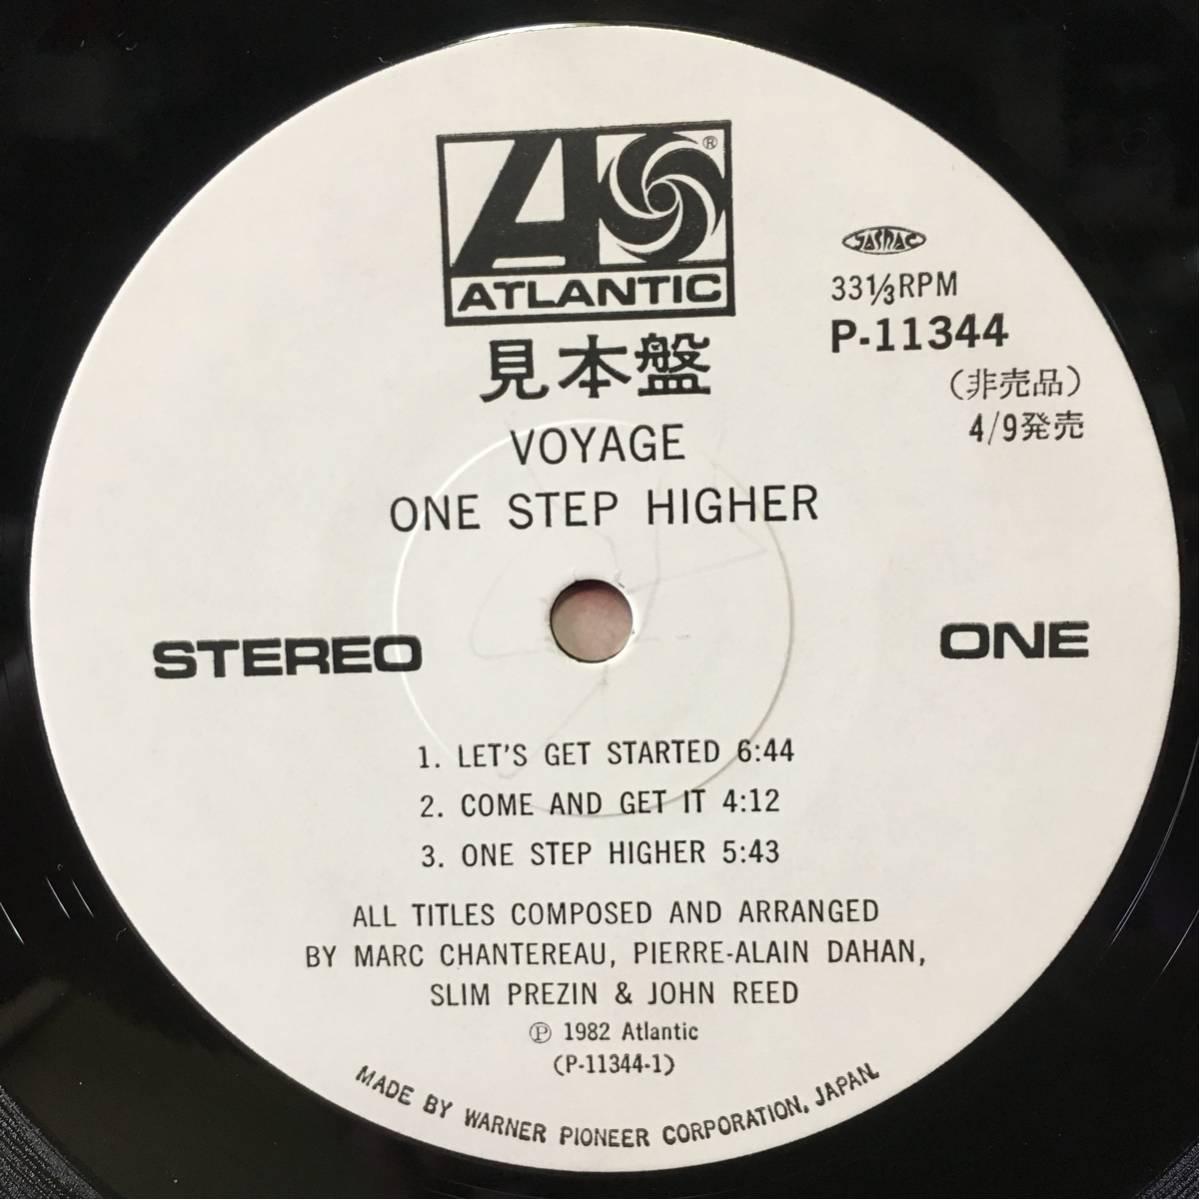 美盤 LP 非売品 見本盤 VOYAGE / ONE STEP HIGHER 今夜はフィーリング・ナイト LET'S GET STARTED ( LONGver 6分44秒収録 )_画像2